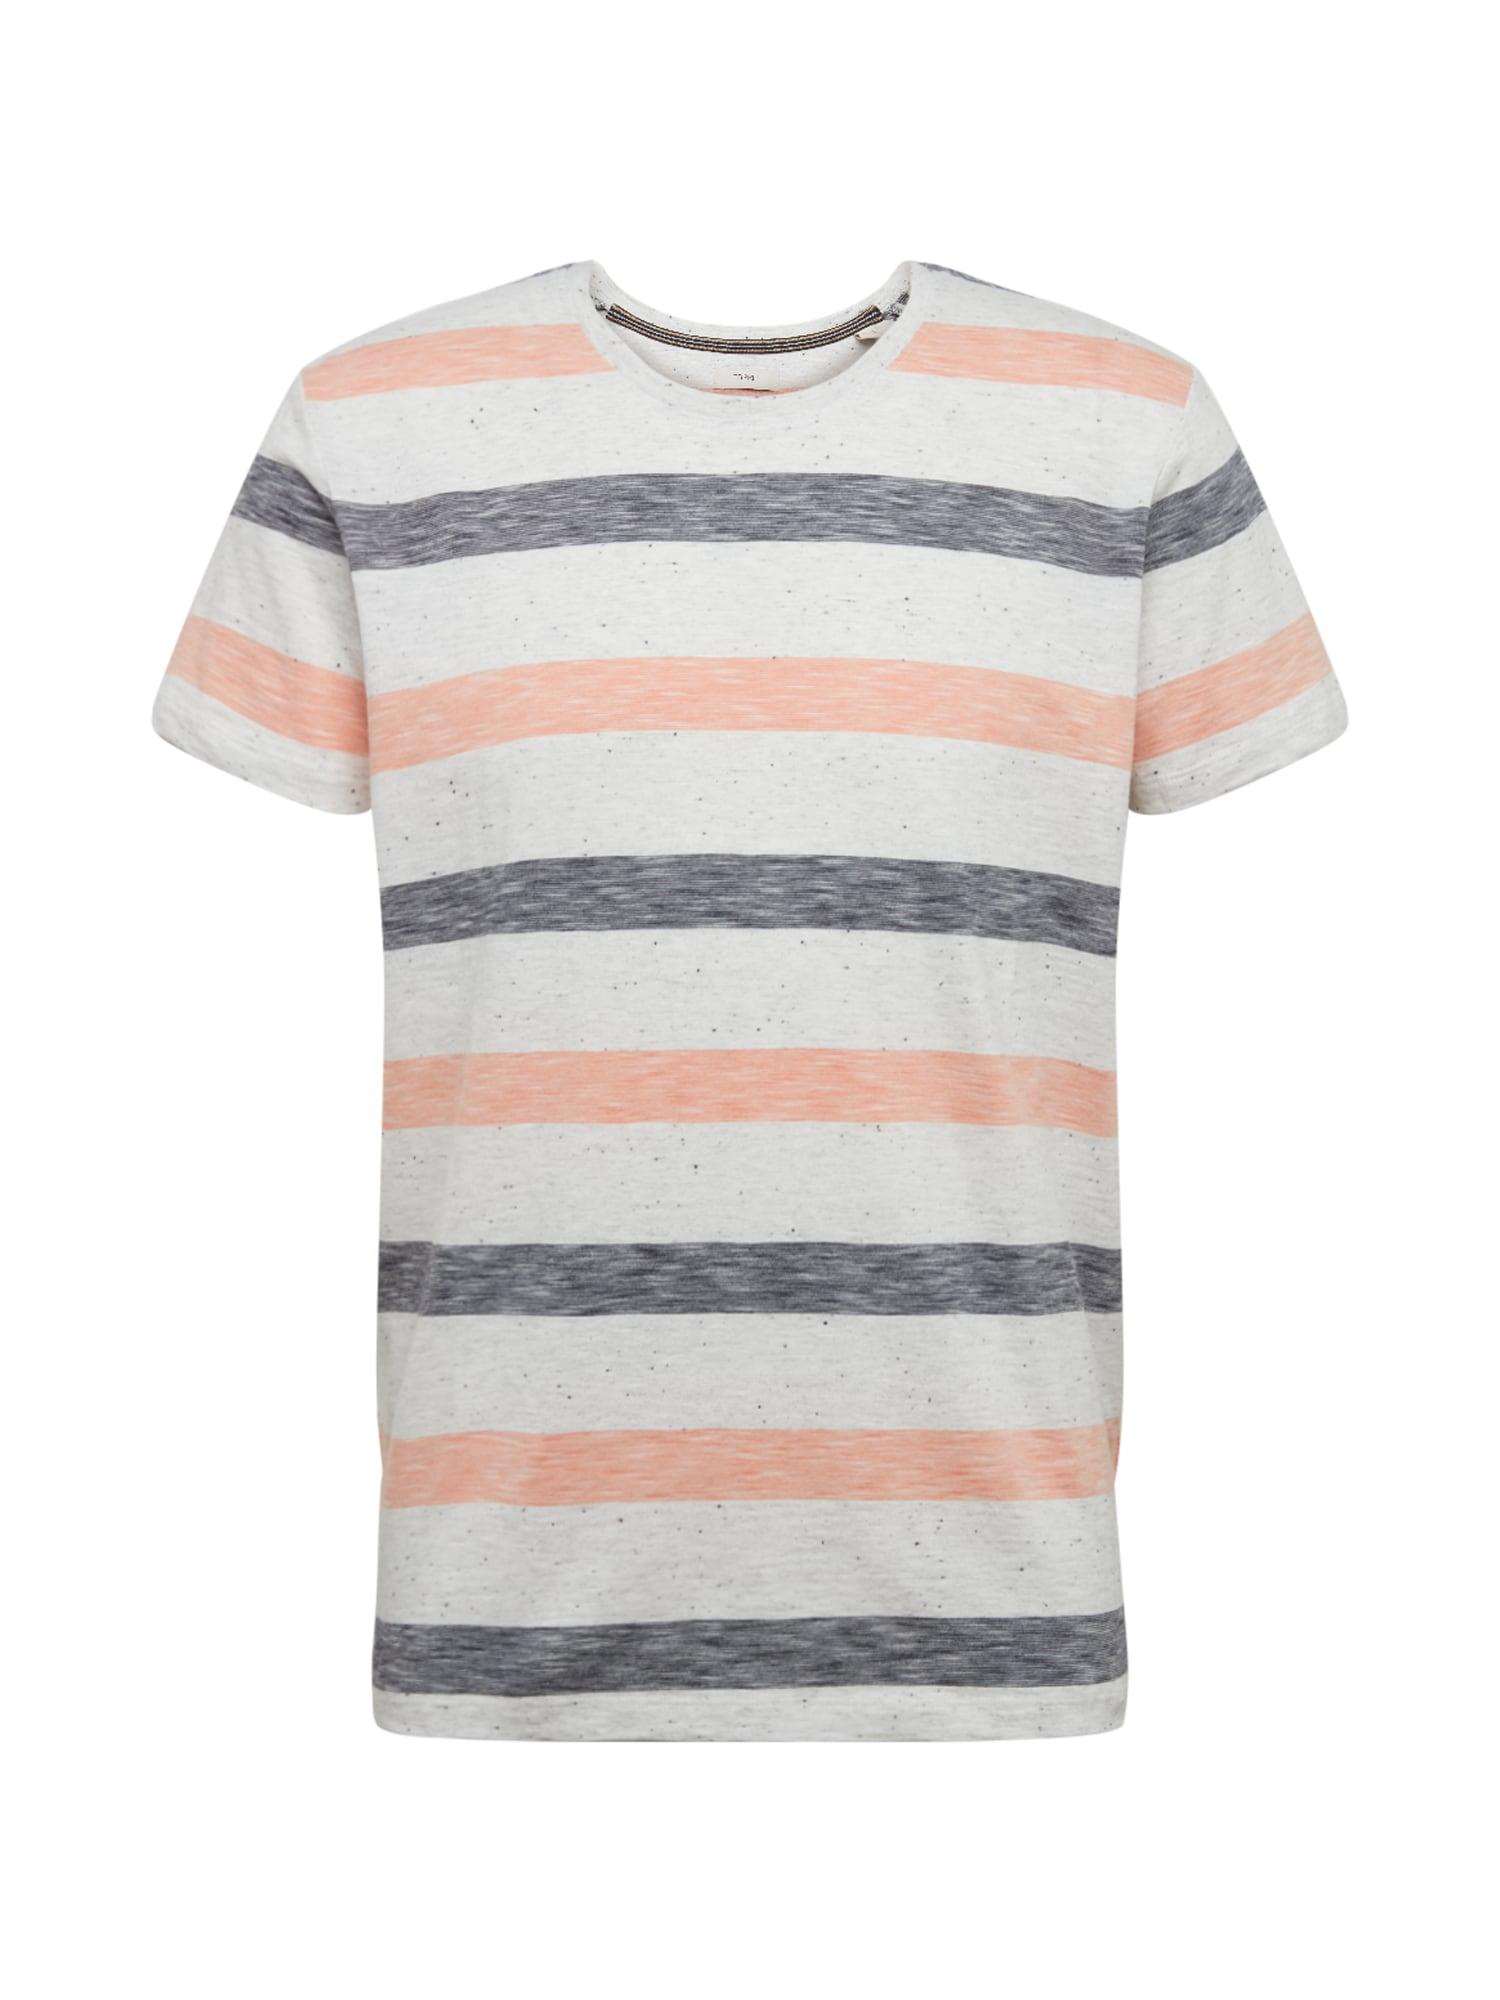 ESPRIT Marškinėliai mišrios spalvos / balta